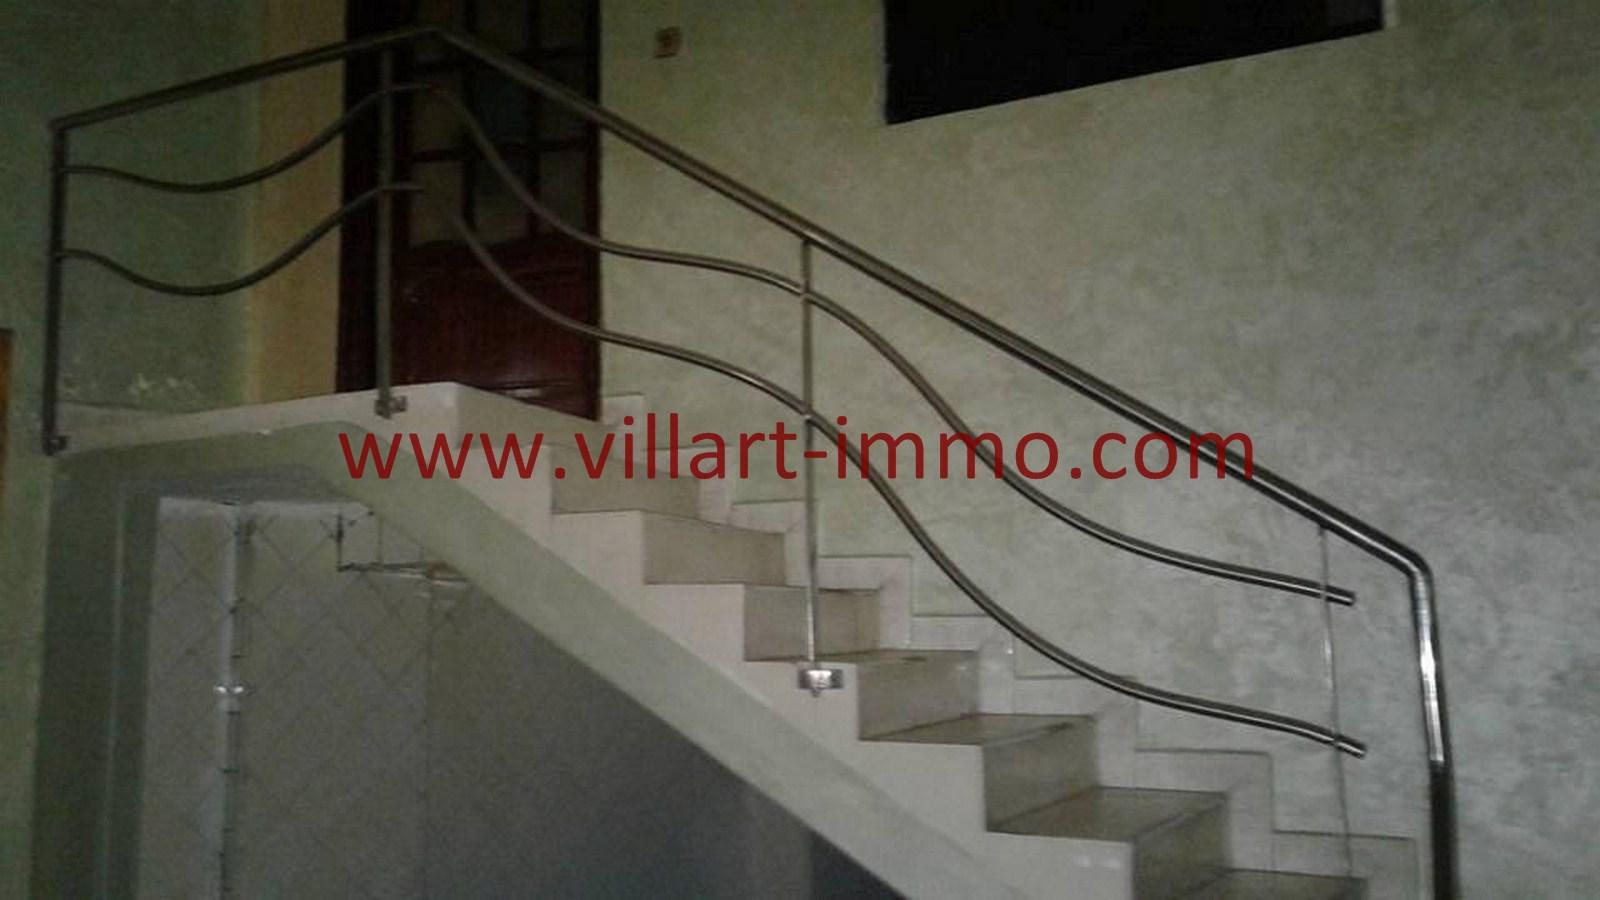 3-Vente-Local-Centre-Ville-Tanger-Escalier-Villart Immo